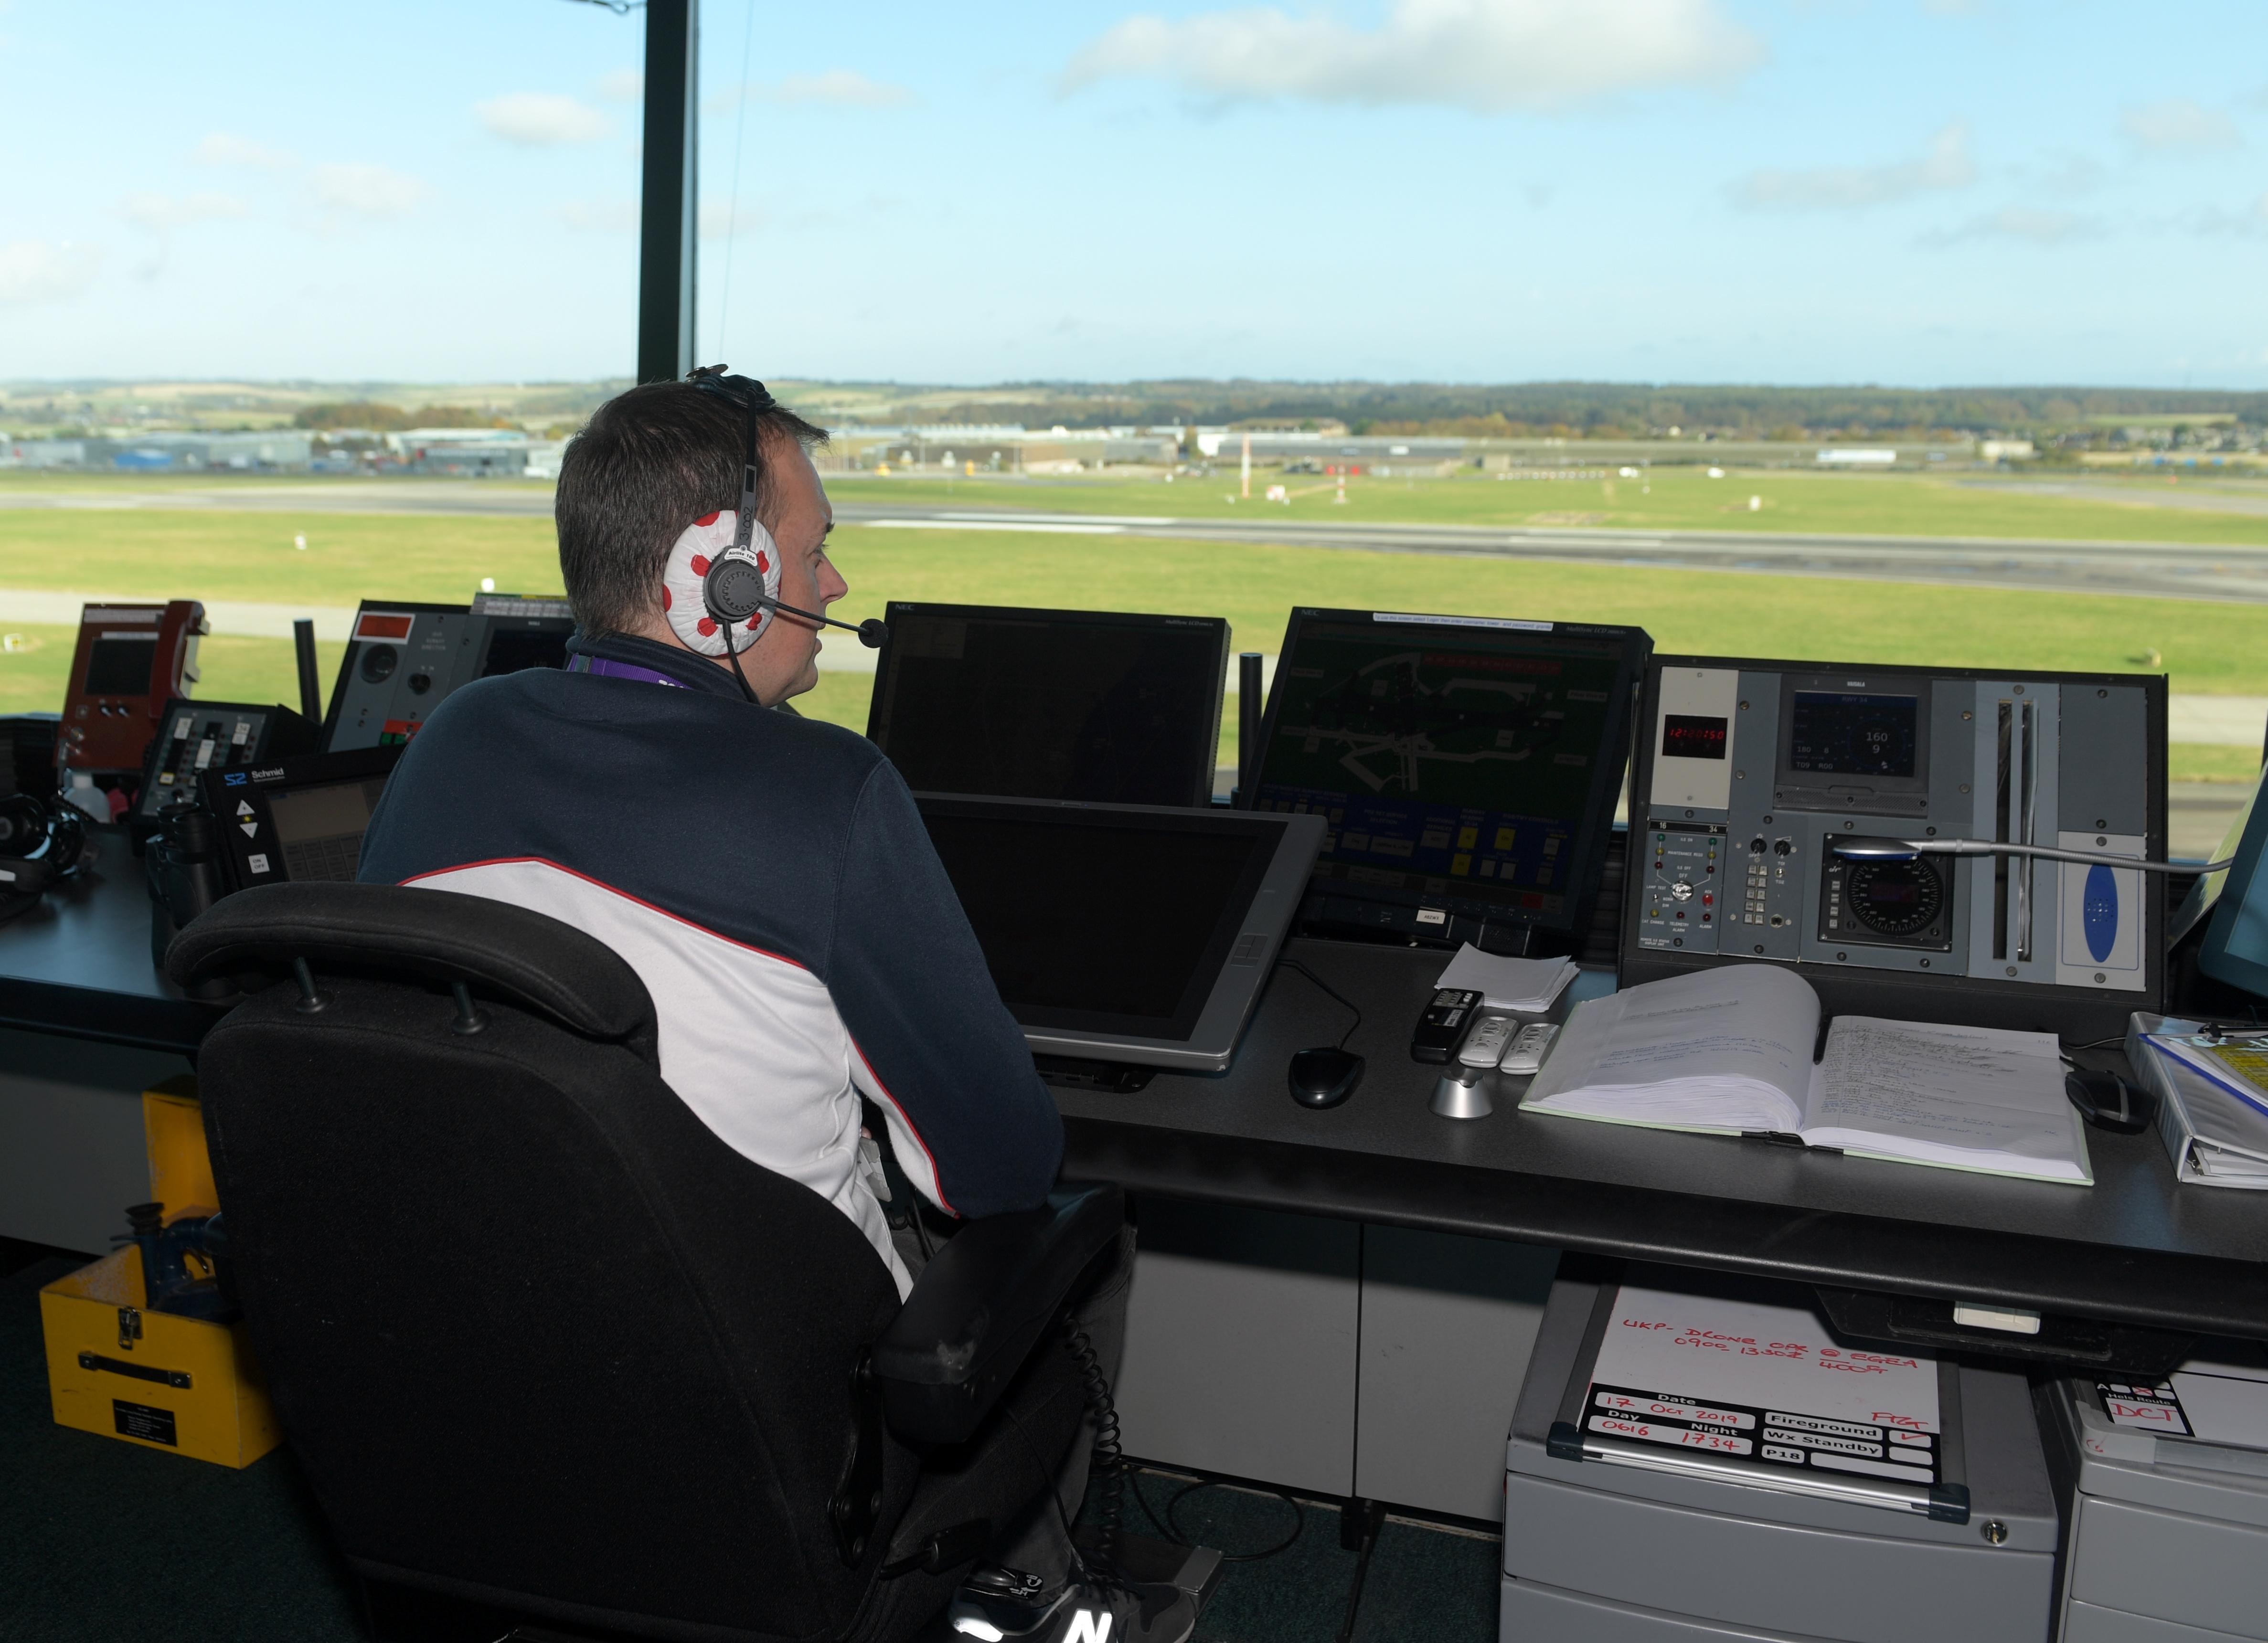 Chris Foster, a NATS air traffic controller,  working at Aberdeen International Airport